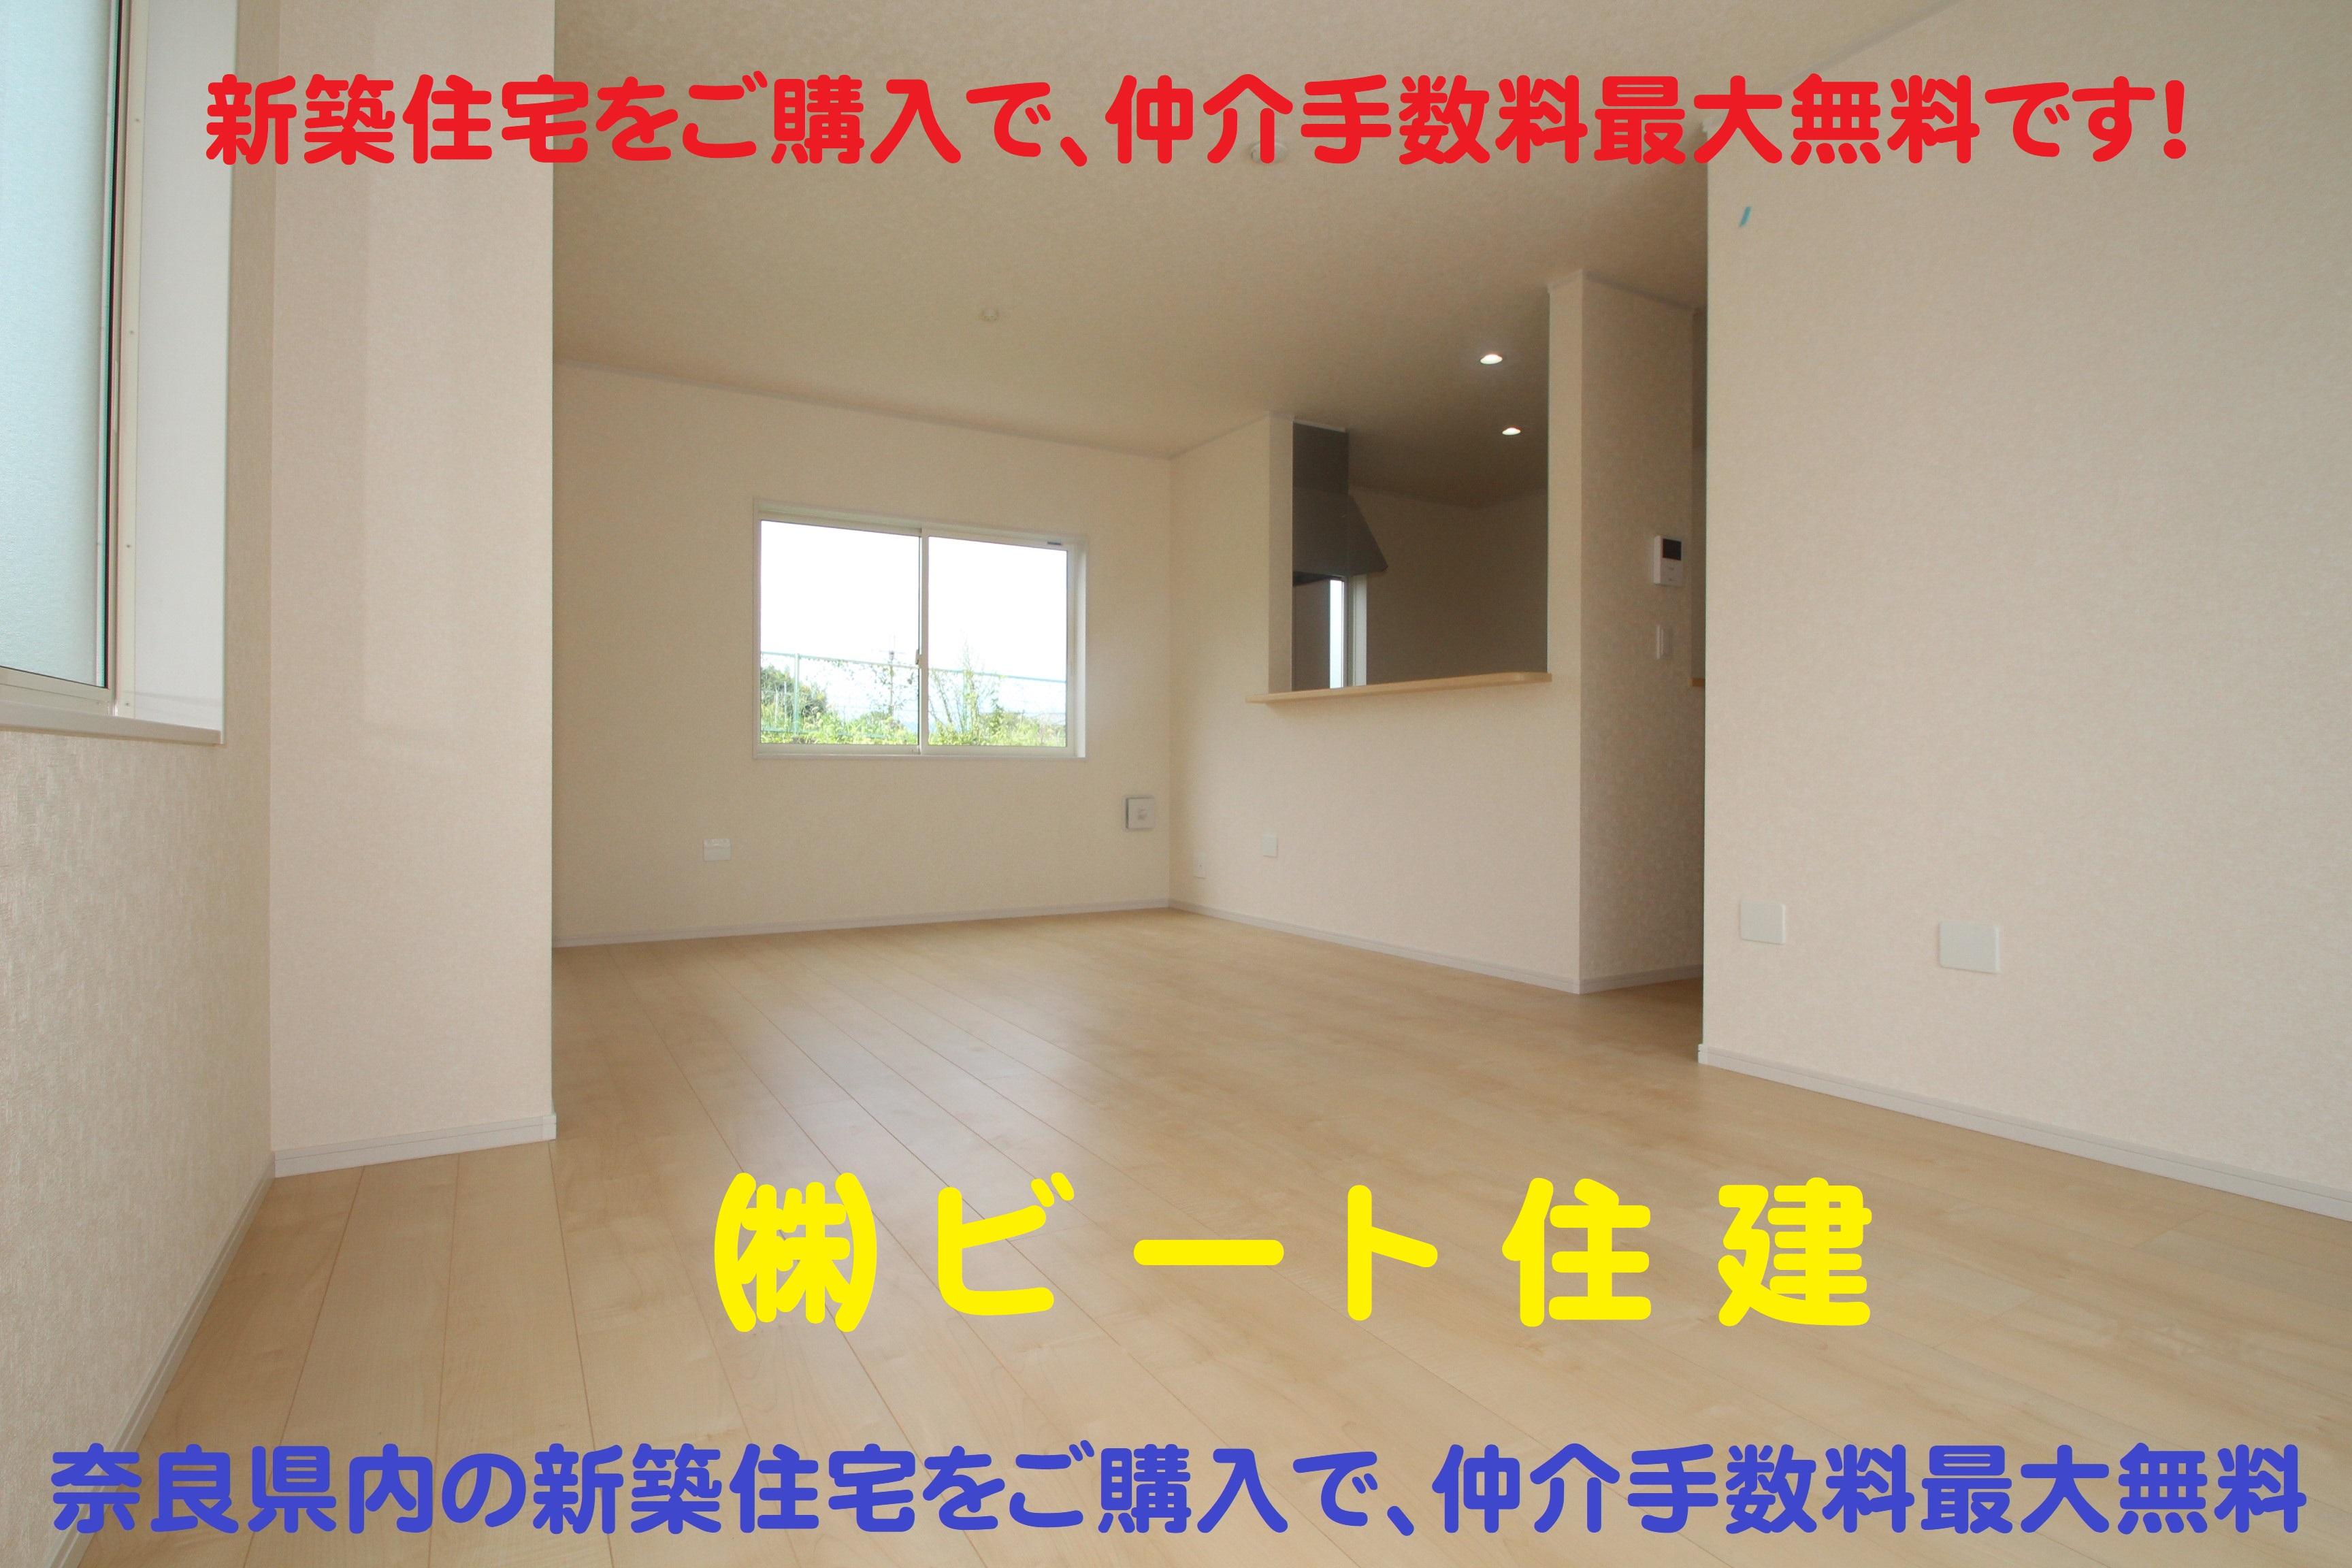 奈良県 広陵町 新築 住宅 お買い得 ビート住建 仲介手数料 最大無料です!